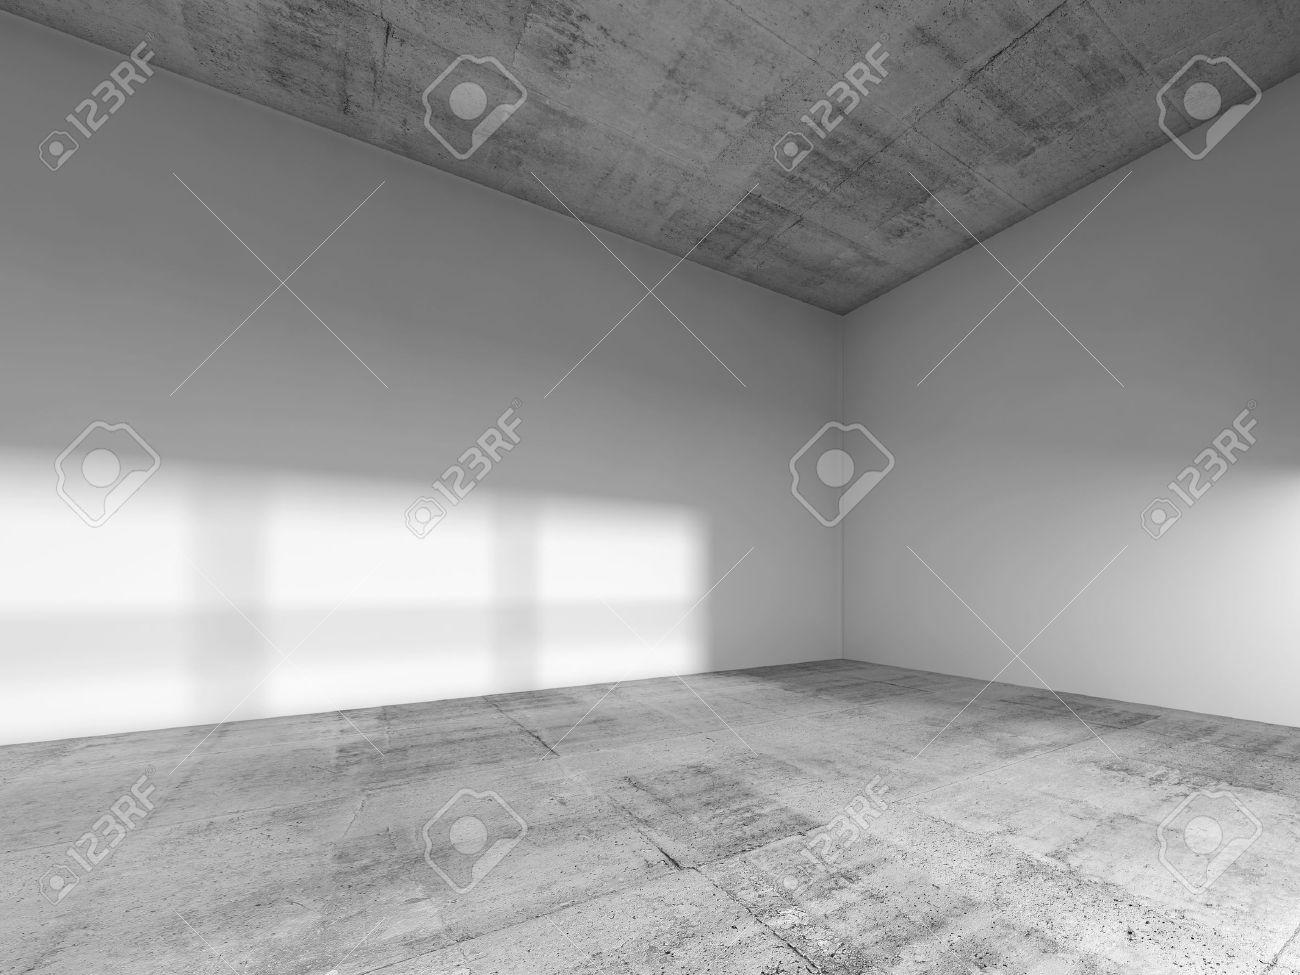 Populaire Résumé Intérieur D'une Pièce Vide Avec Des Murs Blancs Peints, Sol  YD26